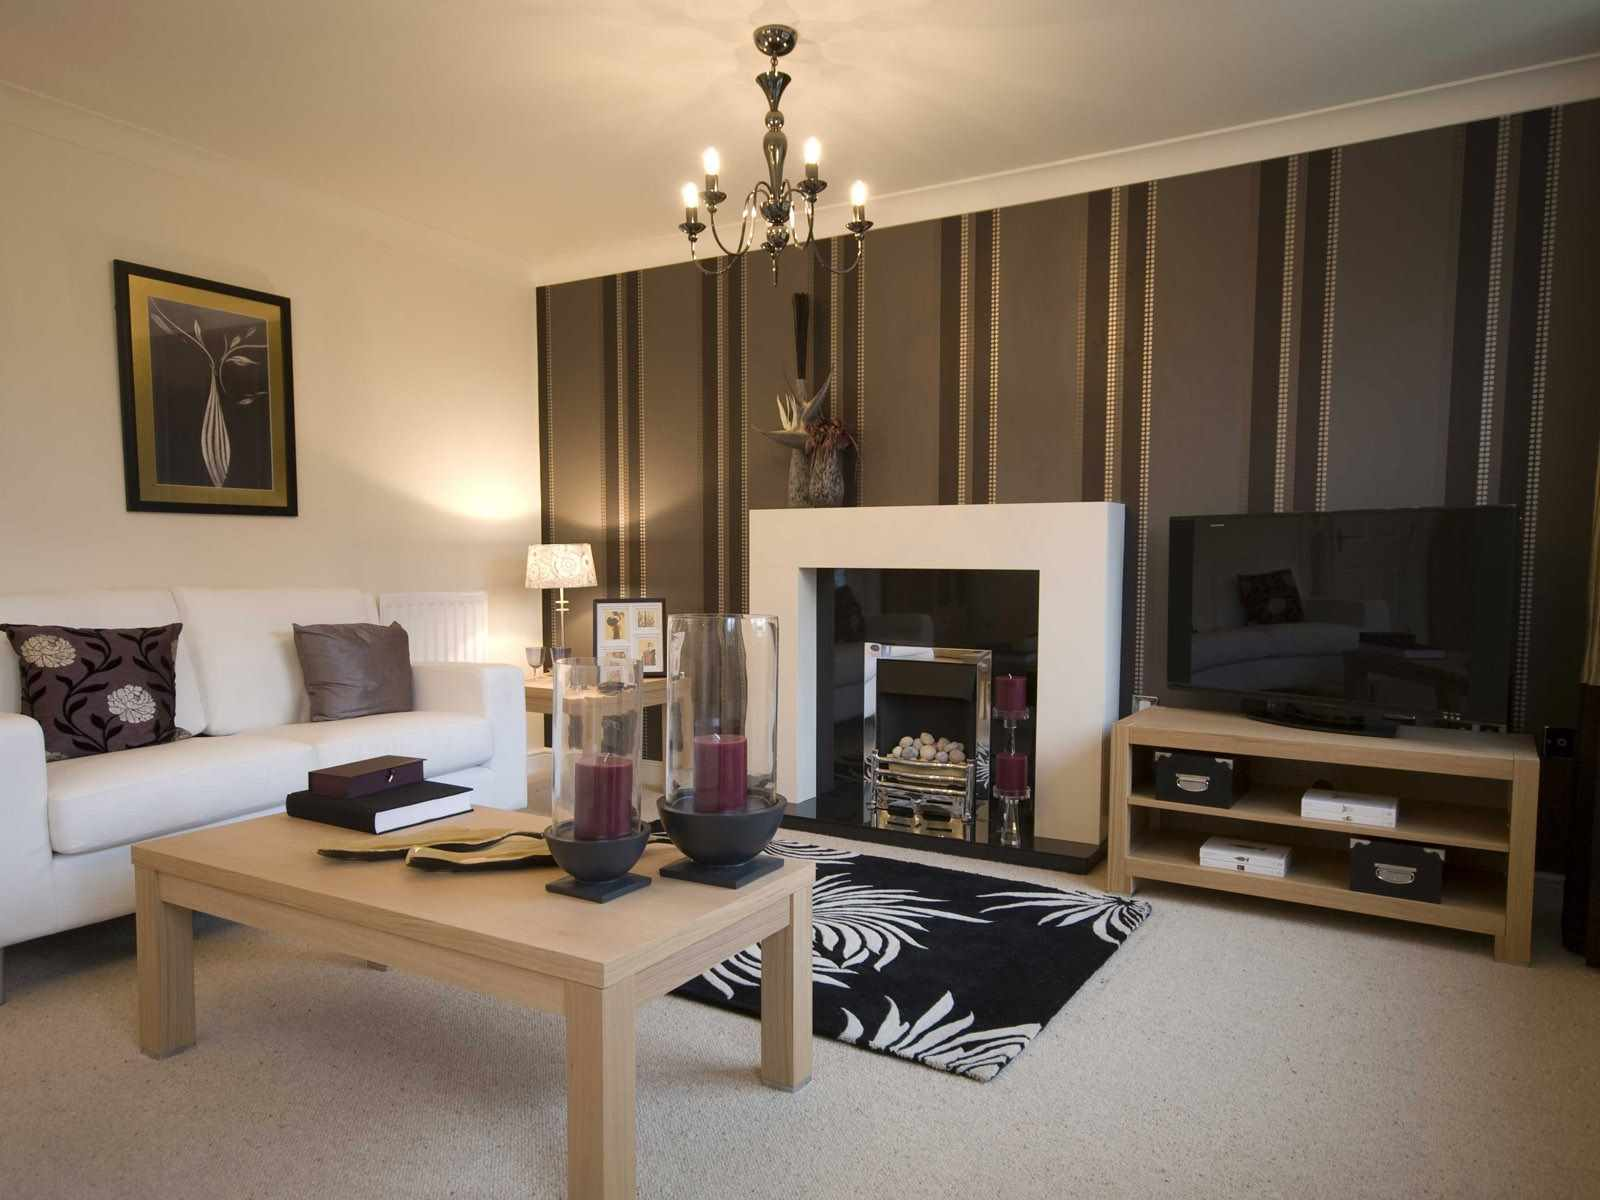 lựa chọn cho một hình nền nội thất ánh sáng cho phòng khách